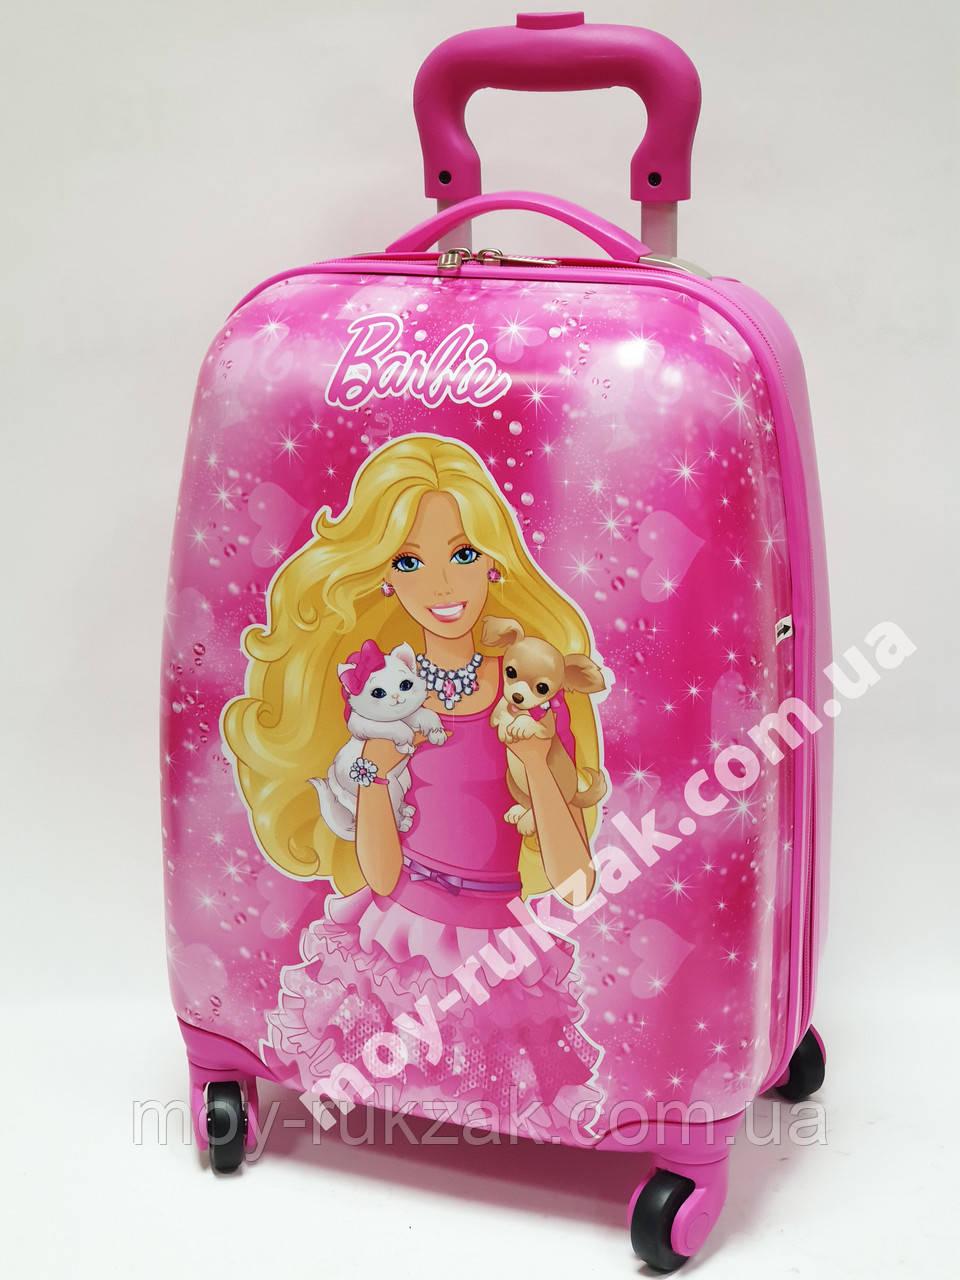 """Детский чемодан дорожный на колесах 16"""" «Барби» Вarbie 4, 520412"""